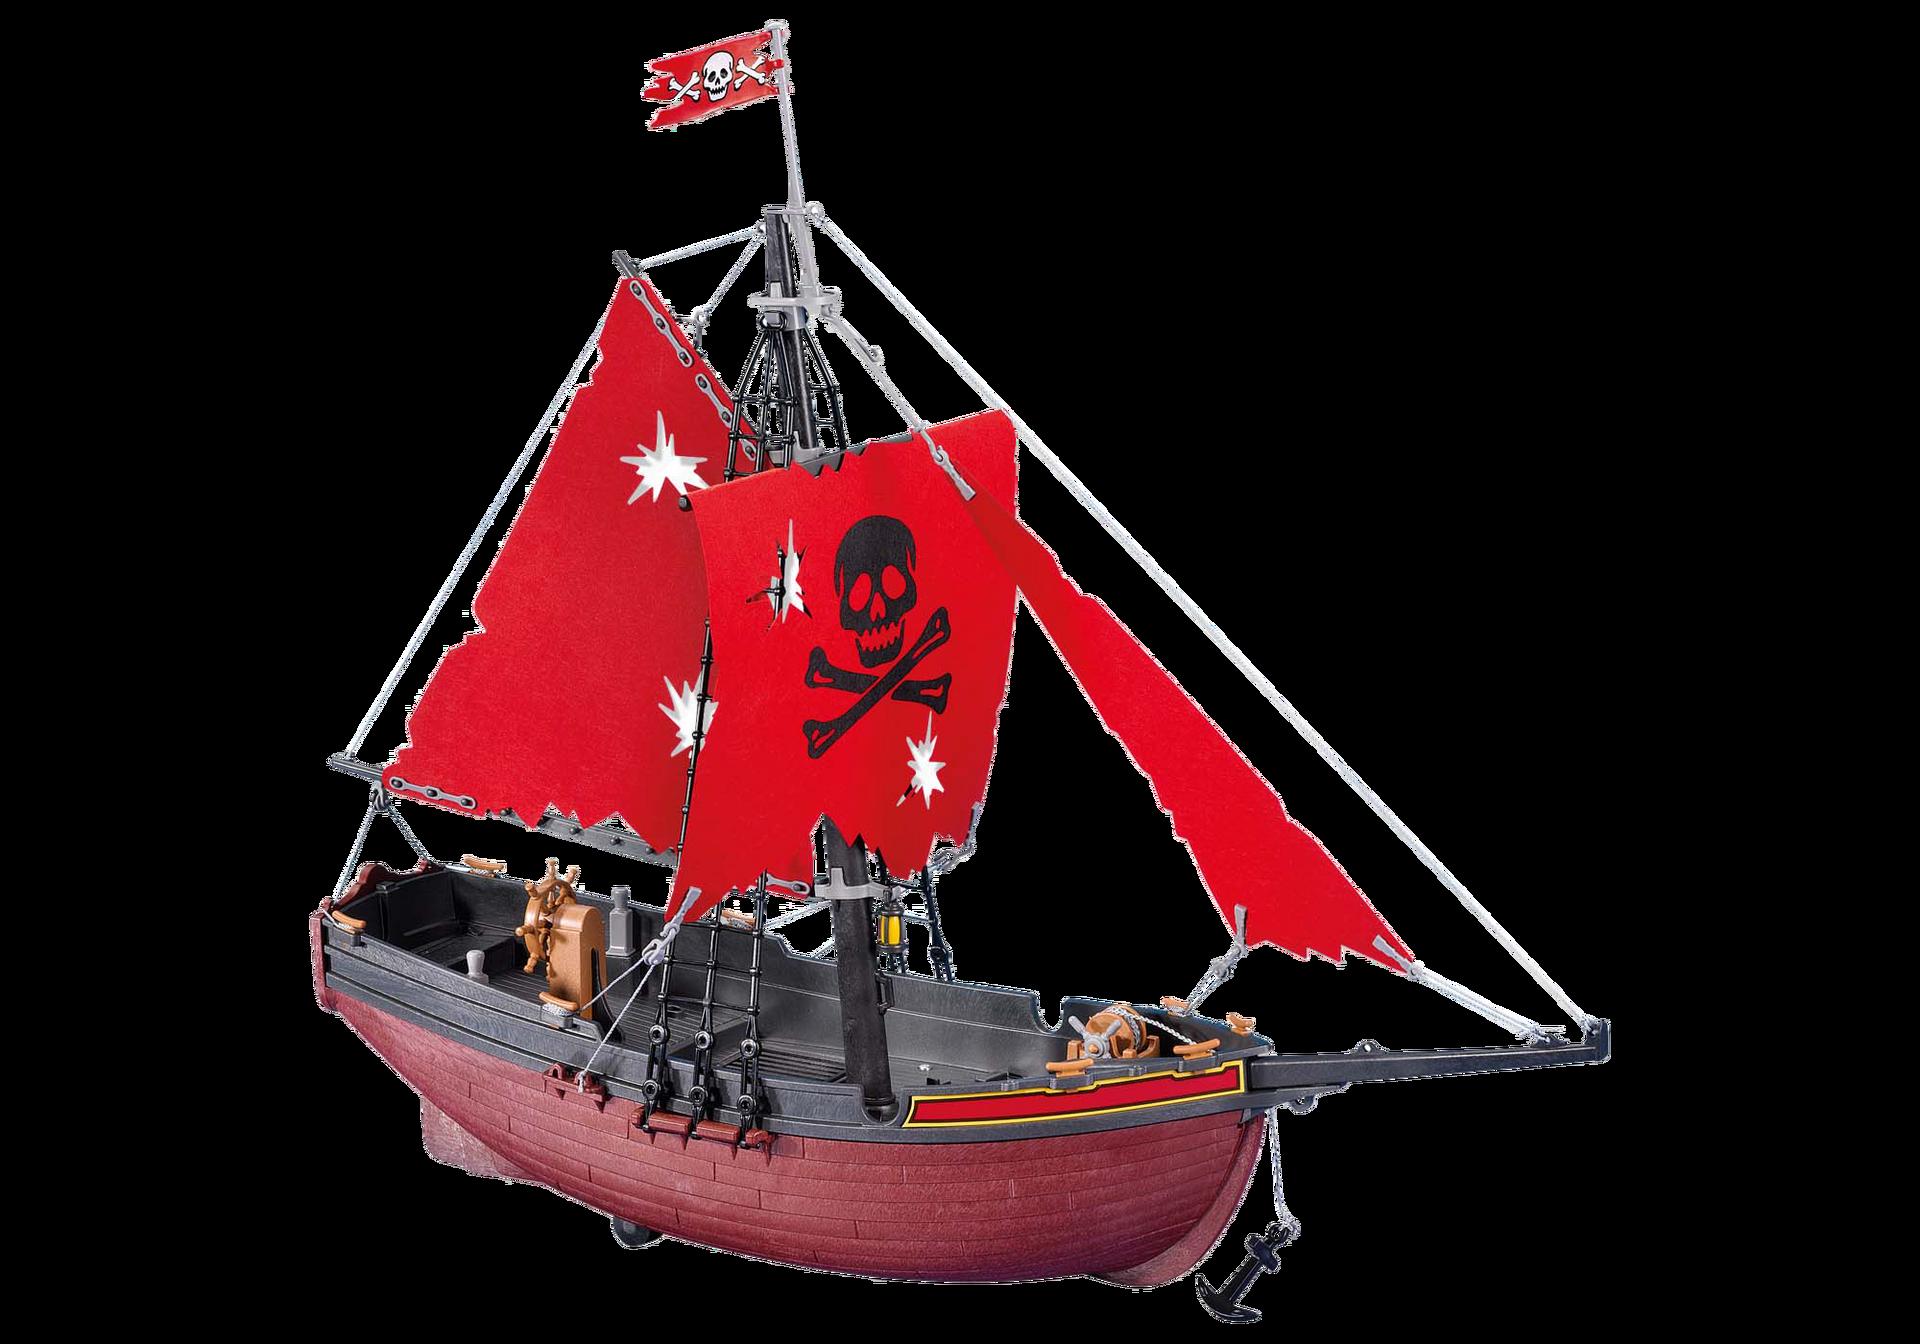 Bateau corsaire rouge 7518 playmobil belgi - Playmobil bateau corsaire ...